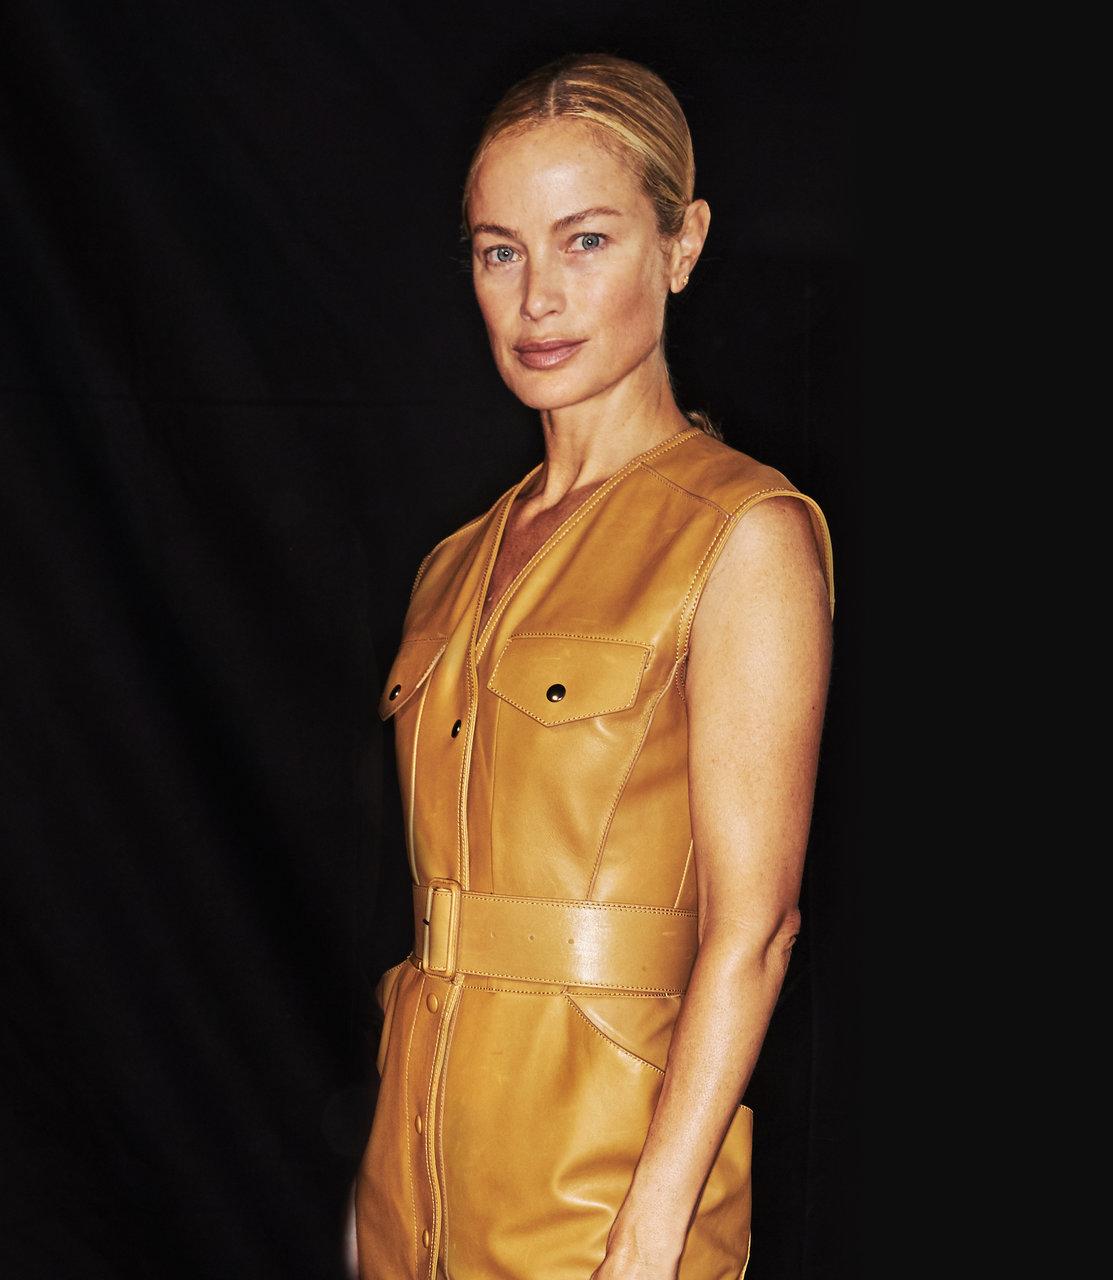 キャロリン・マーフィー 1980-90年代のスーパーモデル全盛期を築いたモデルの1人。アメリカン・ビューティと評される美貌で、今もなおトップモデルに君臨する。2000年に生まれた娘、Dylan Blue(ディラン・ブルー)がいる。